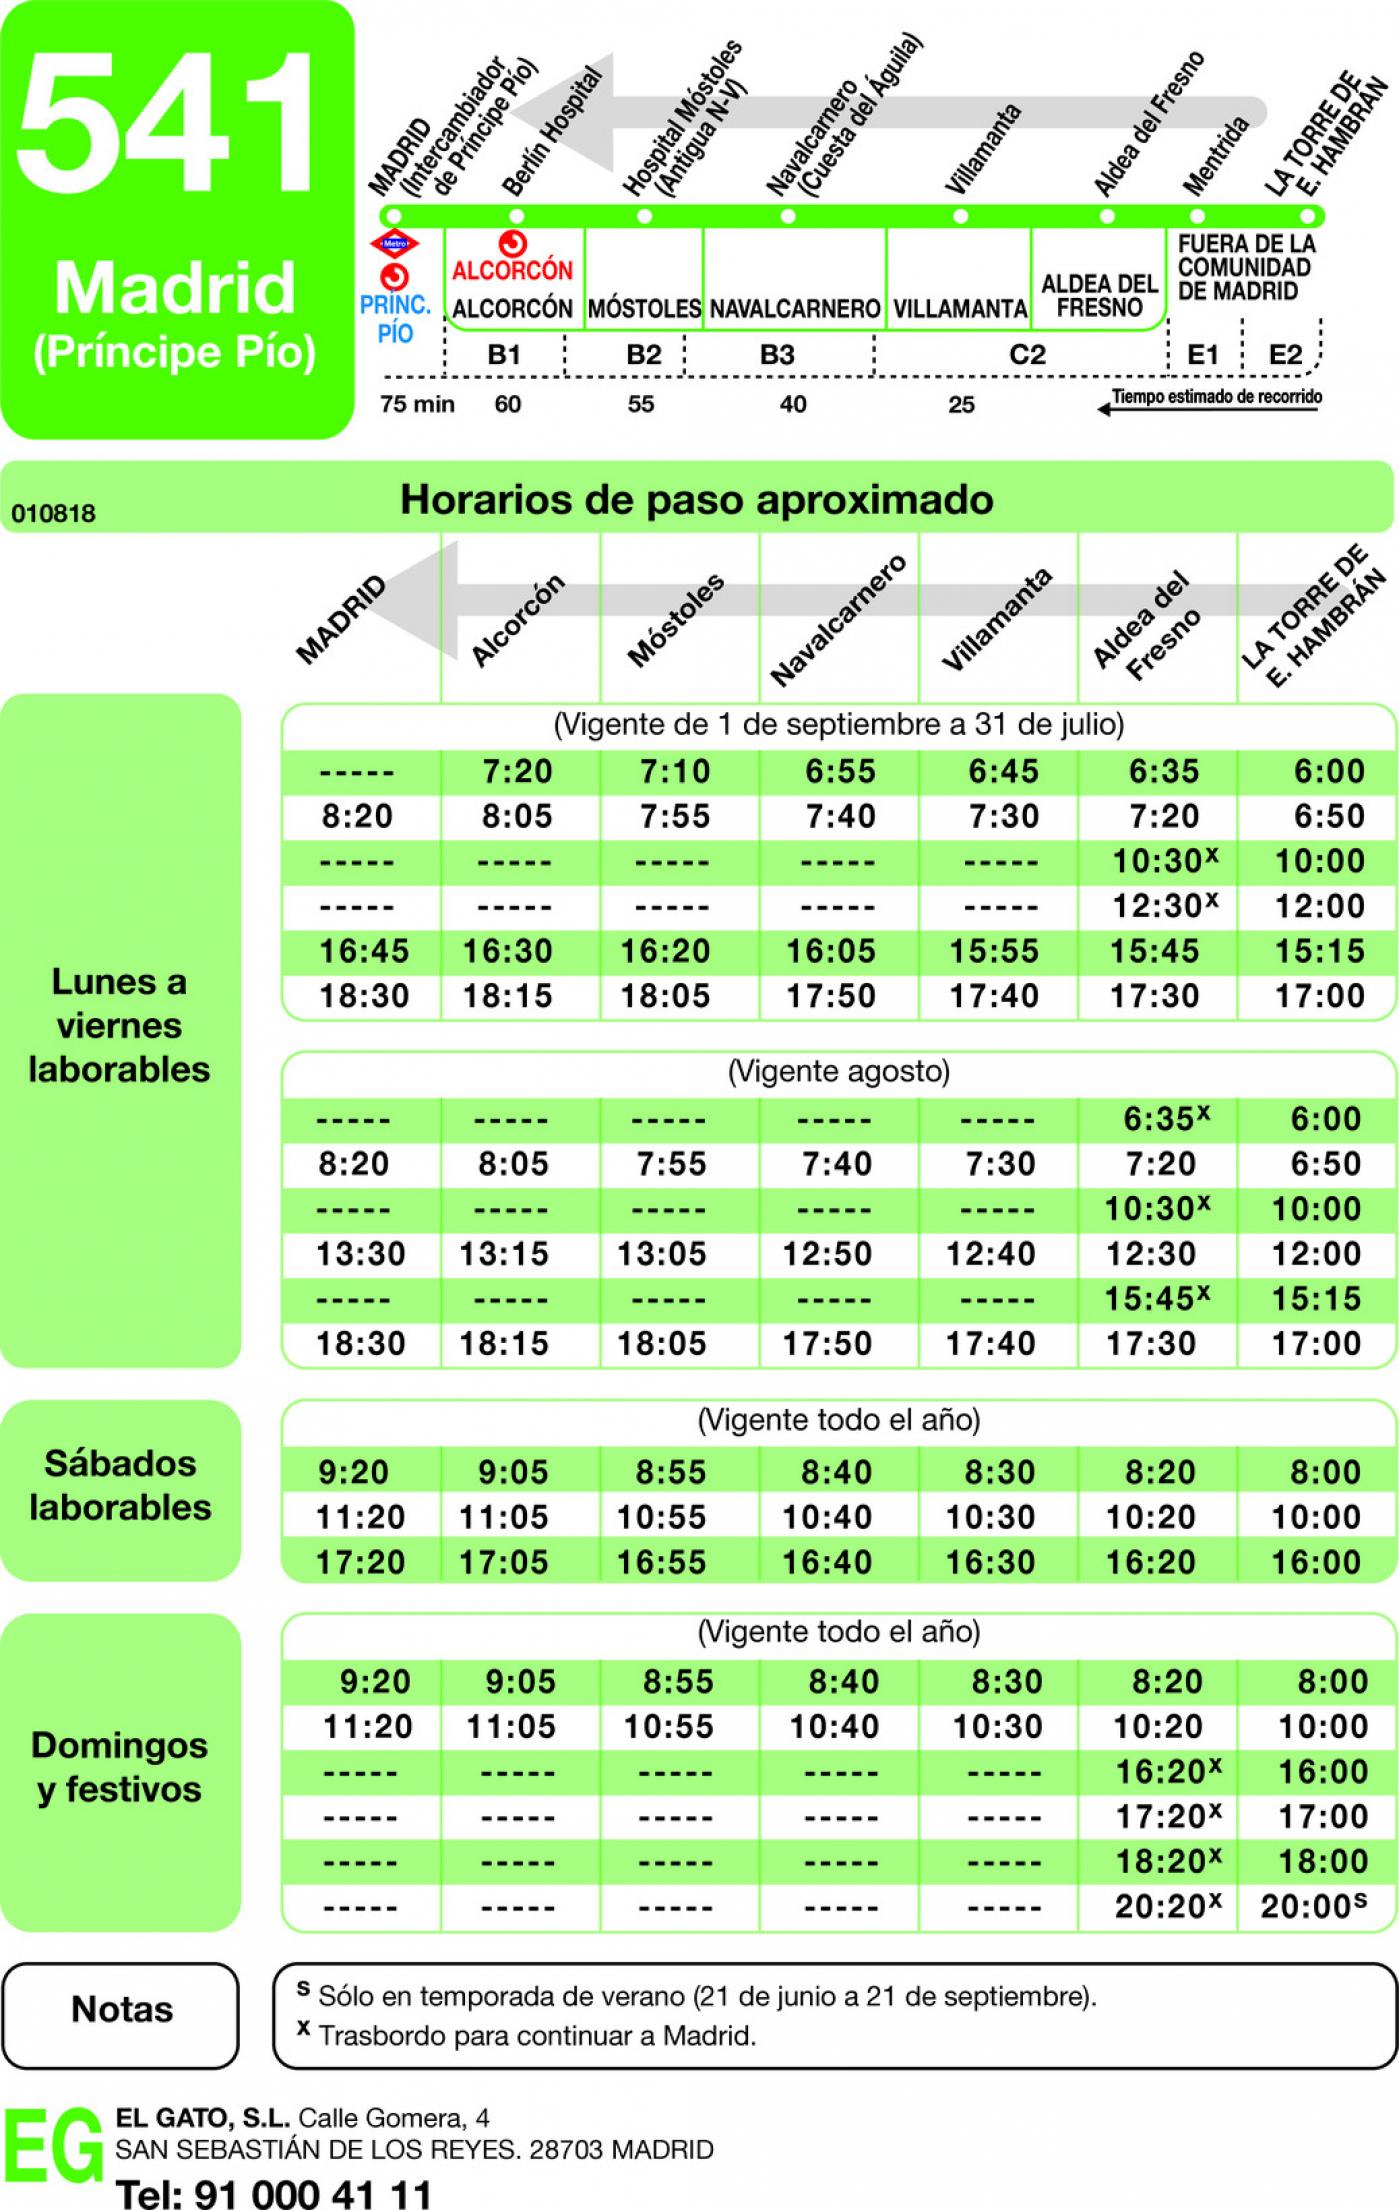 Tabla de horarios y frecuencias de paso en sentido vuelta Línea 541: Madrid (Príncipe Pío) - Villamanta - La Torre de Esteban Hambrán